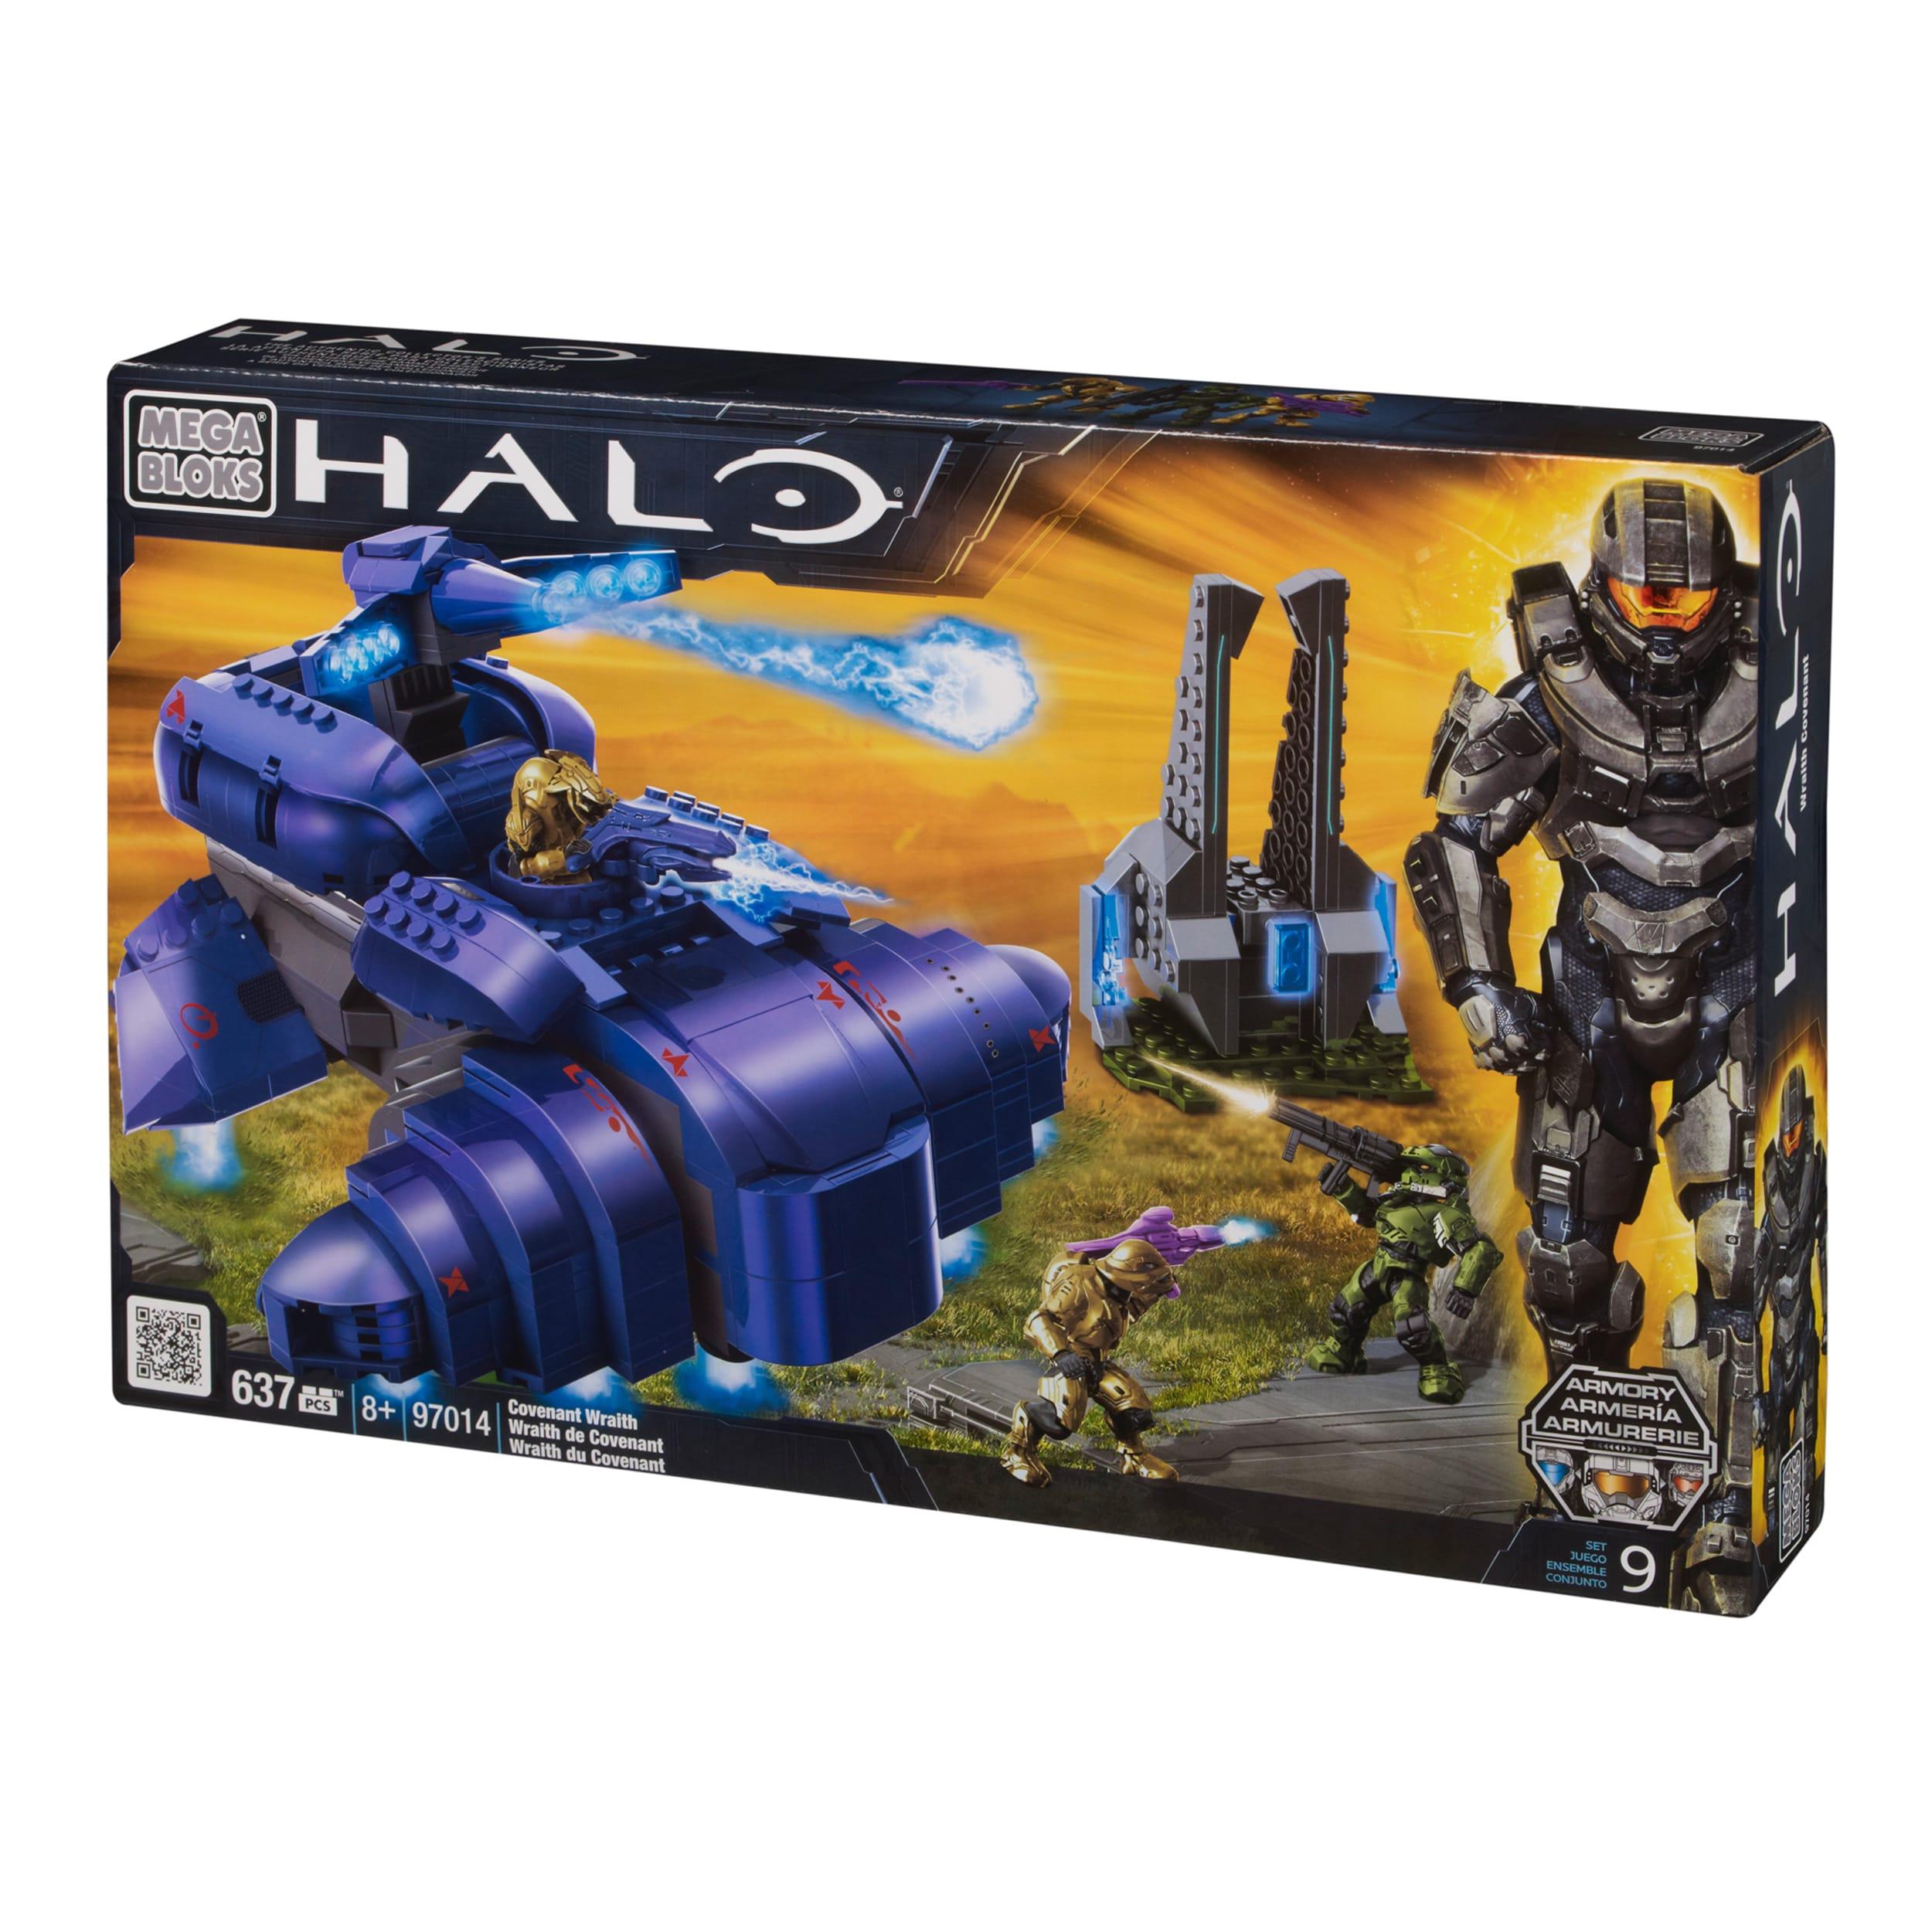 Mega Bloks Halo Covenant Wraith Playset